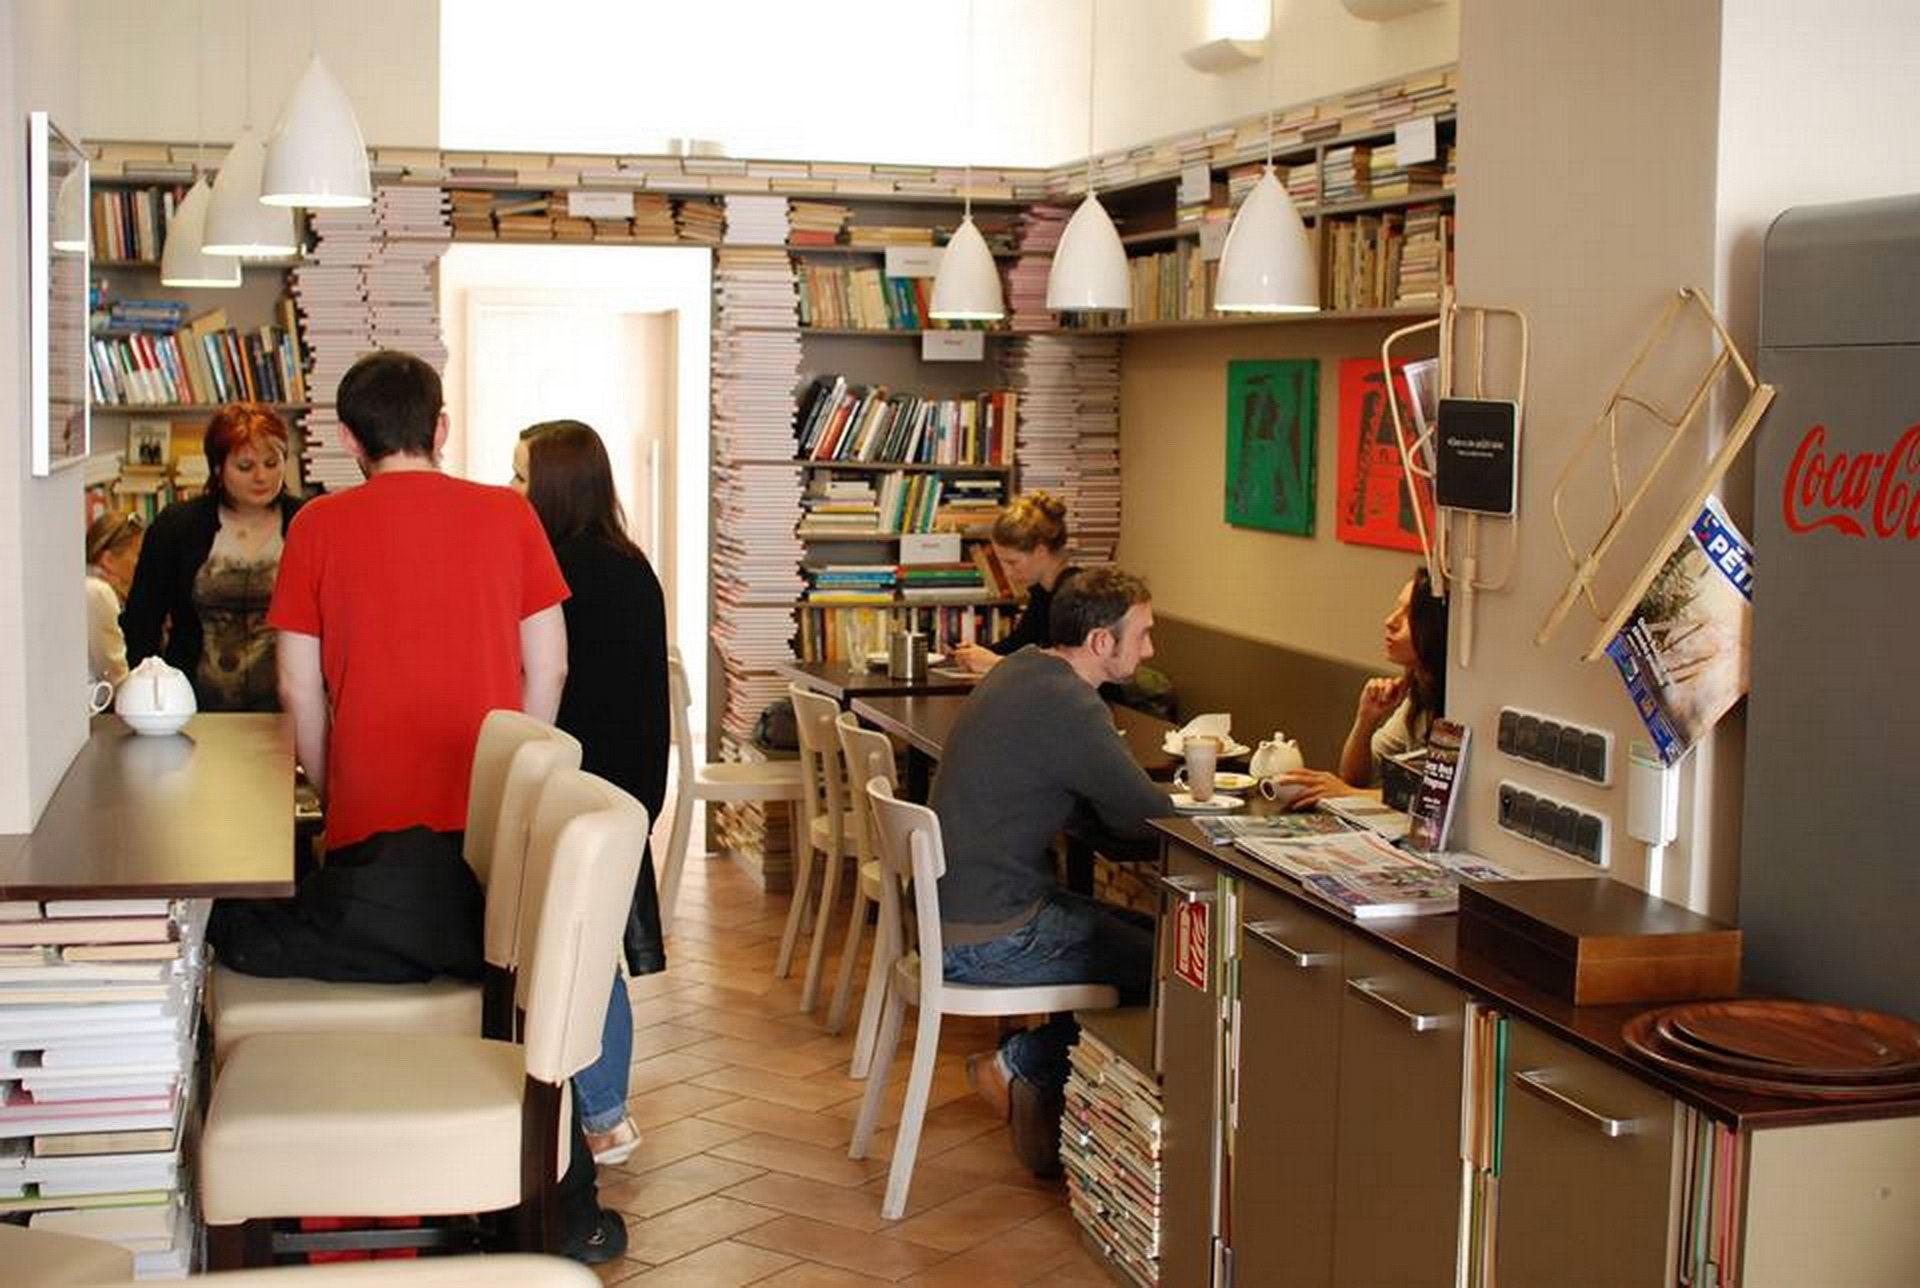 Bezprahová kavárna 4